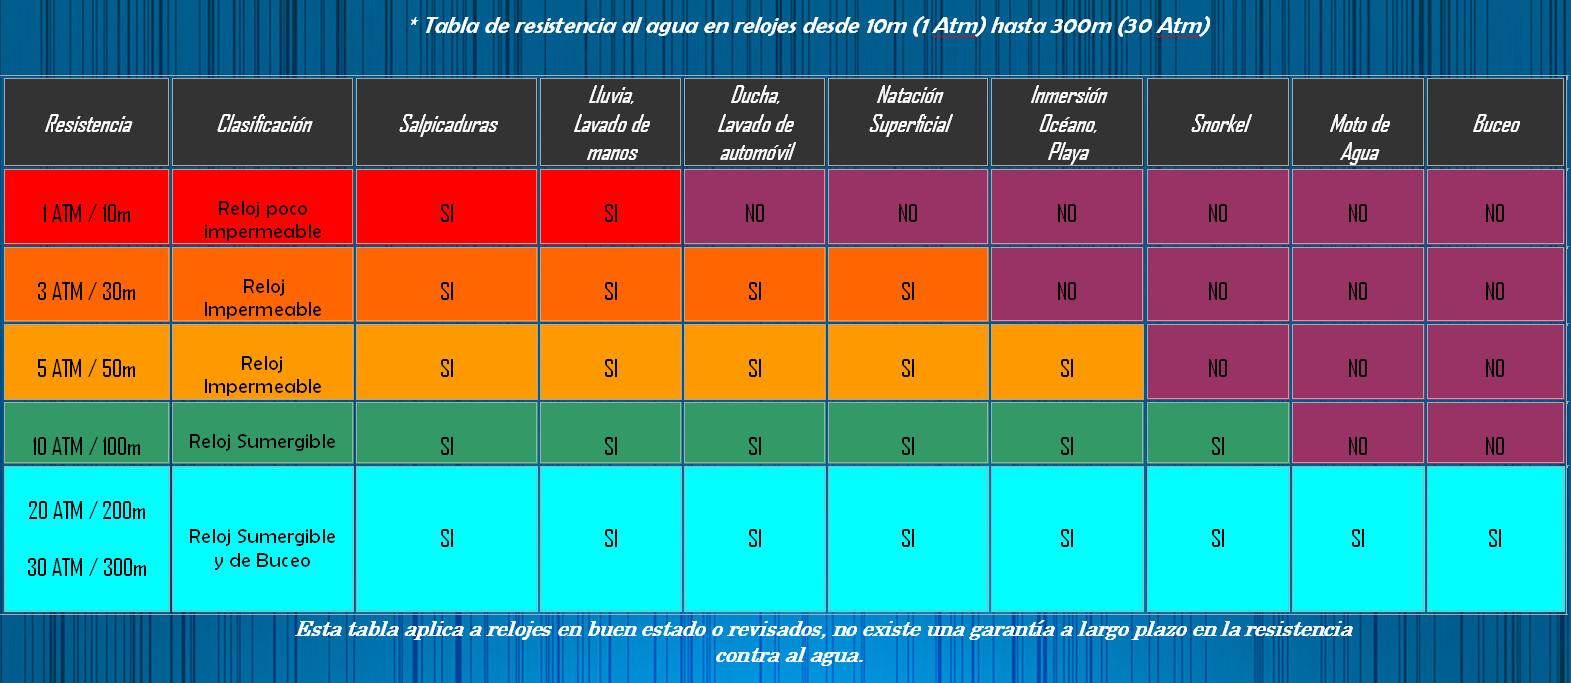 2a976a6c9 Archivo:Clasificación relojes y resistencia al agua.jpg - Wikipedia ...